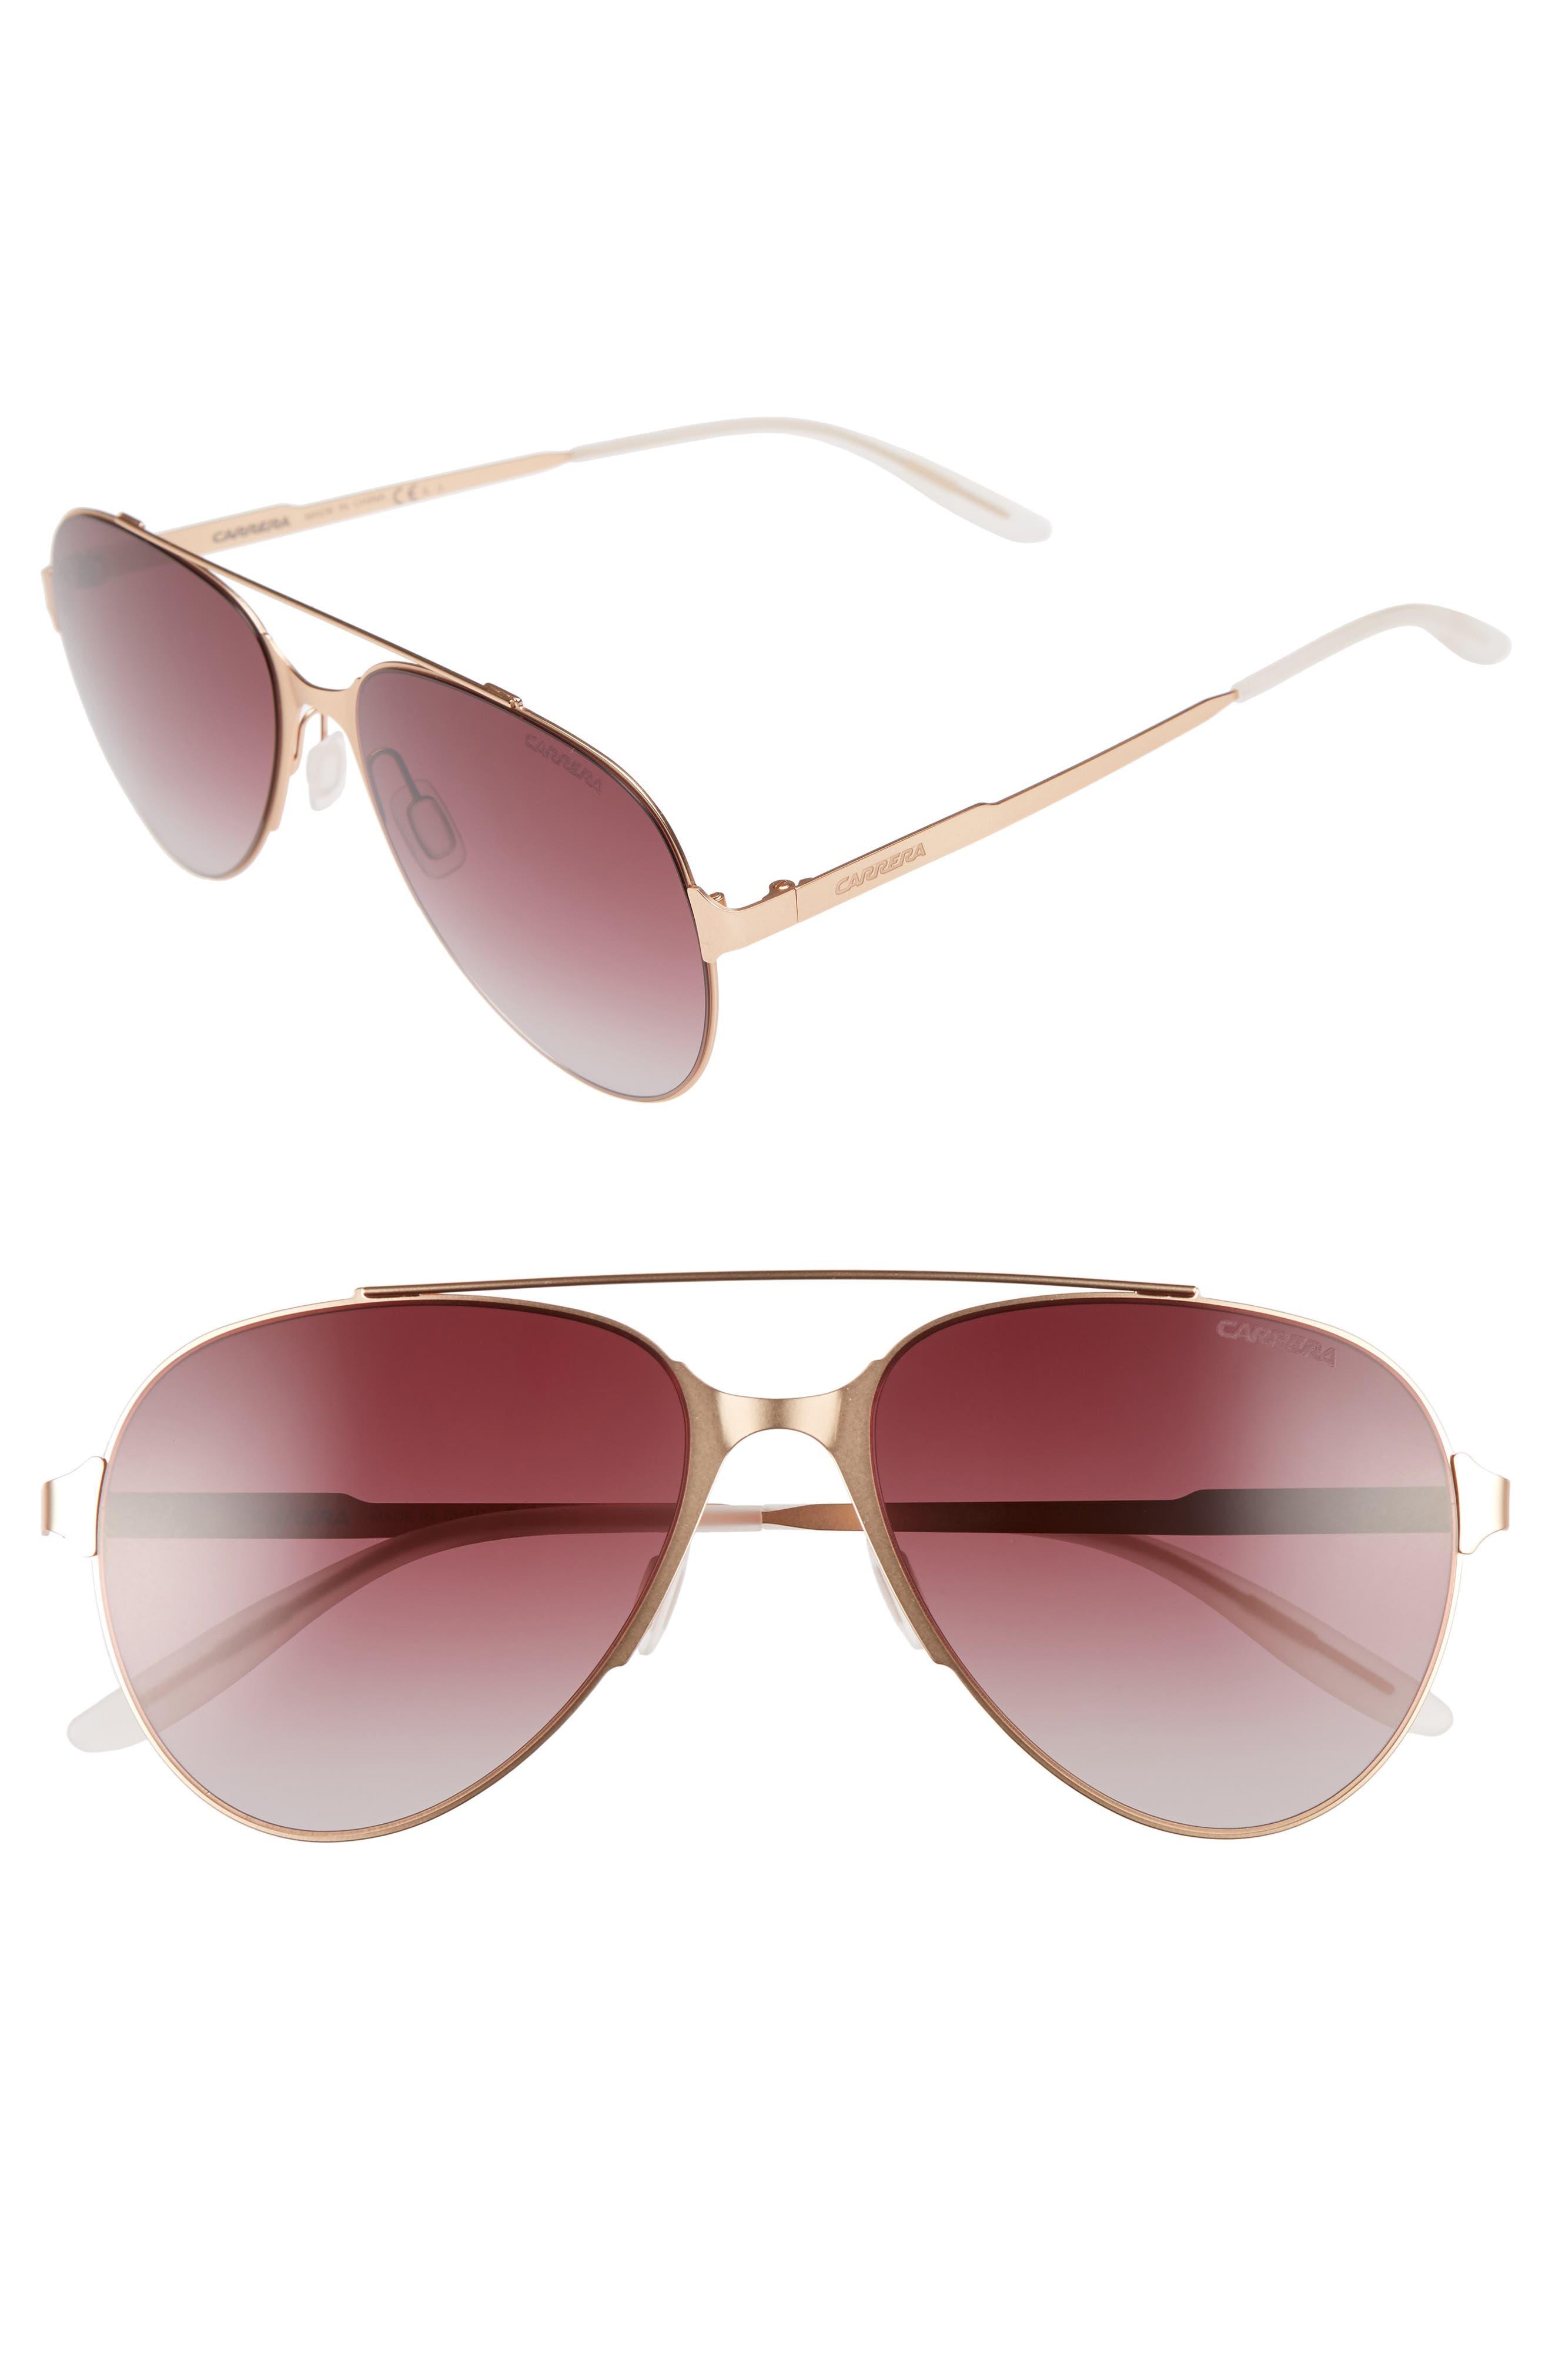 55mm Aviator Sunglasses,                         Main,                         color, Copper/ Gold